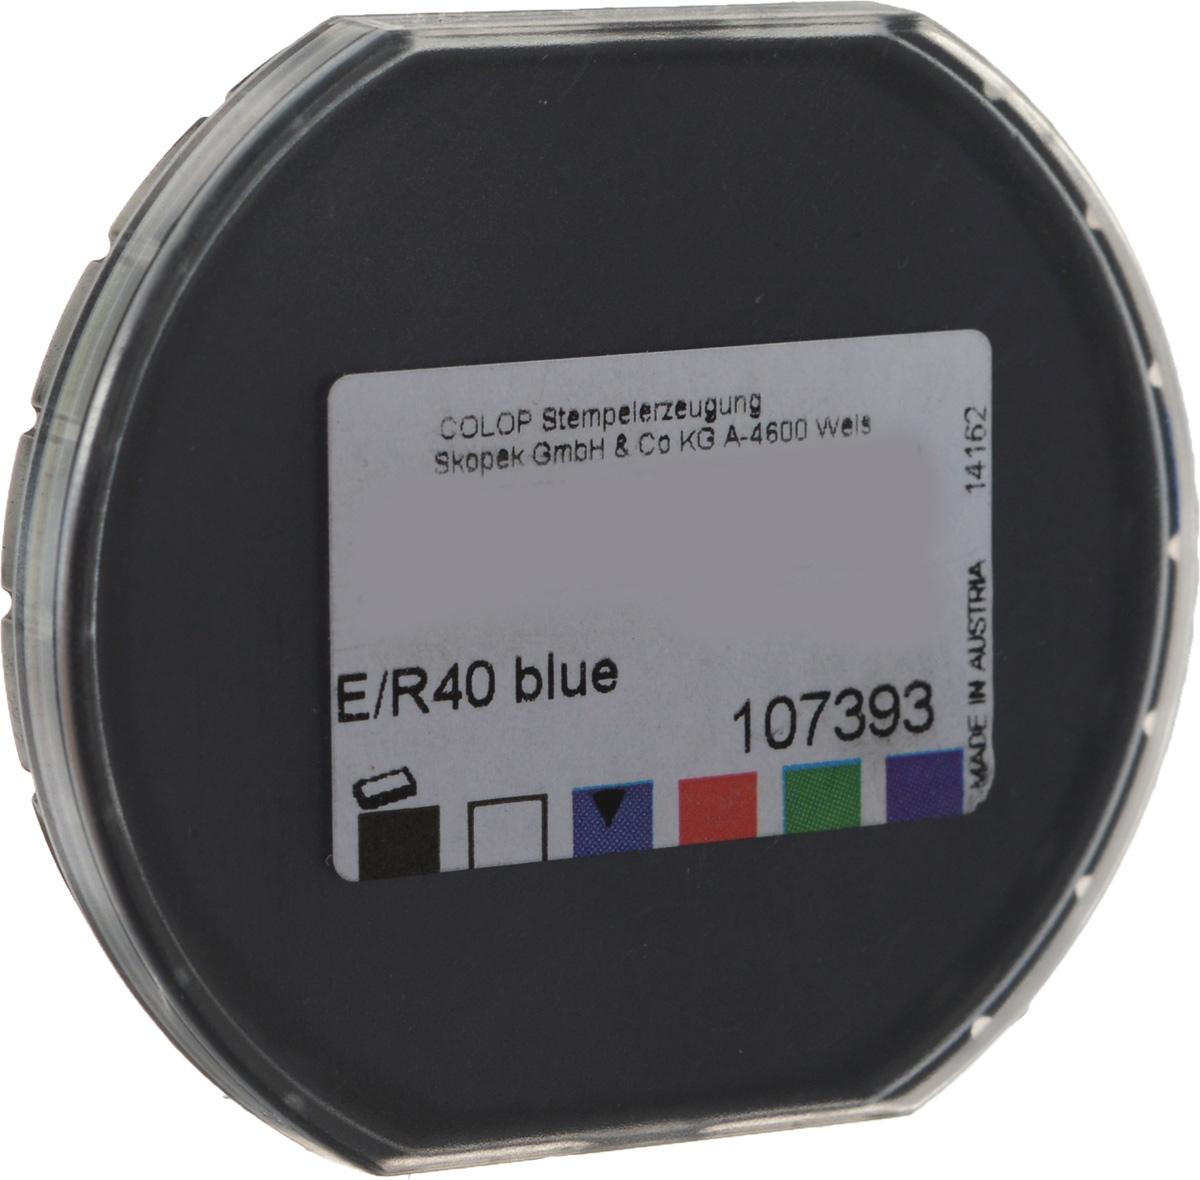 Colop Сменная штемпельная подушка E/R40 цвет синий2048884-70Сменная штемпельная подушка Colop E/R40 предназначена для продукции Colop. Произведена в Австрии с учетом требований российских и международных стандартов. Замена штемпельной подушки необходима при каждом изменении текста в штампе. Заправка штемпельной краской не рекомендуется. Гарантирует не менее 10 000 четких оттисков. Подходит для кода С28178, С36735, С10877, С11718, С20345, С20346, цвет краски - синий.